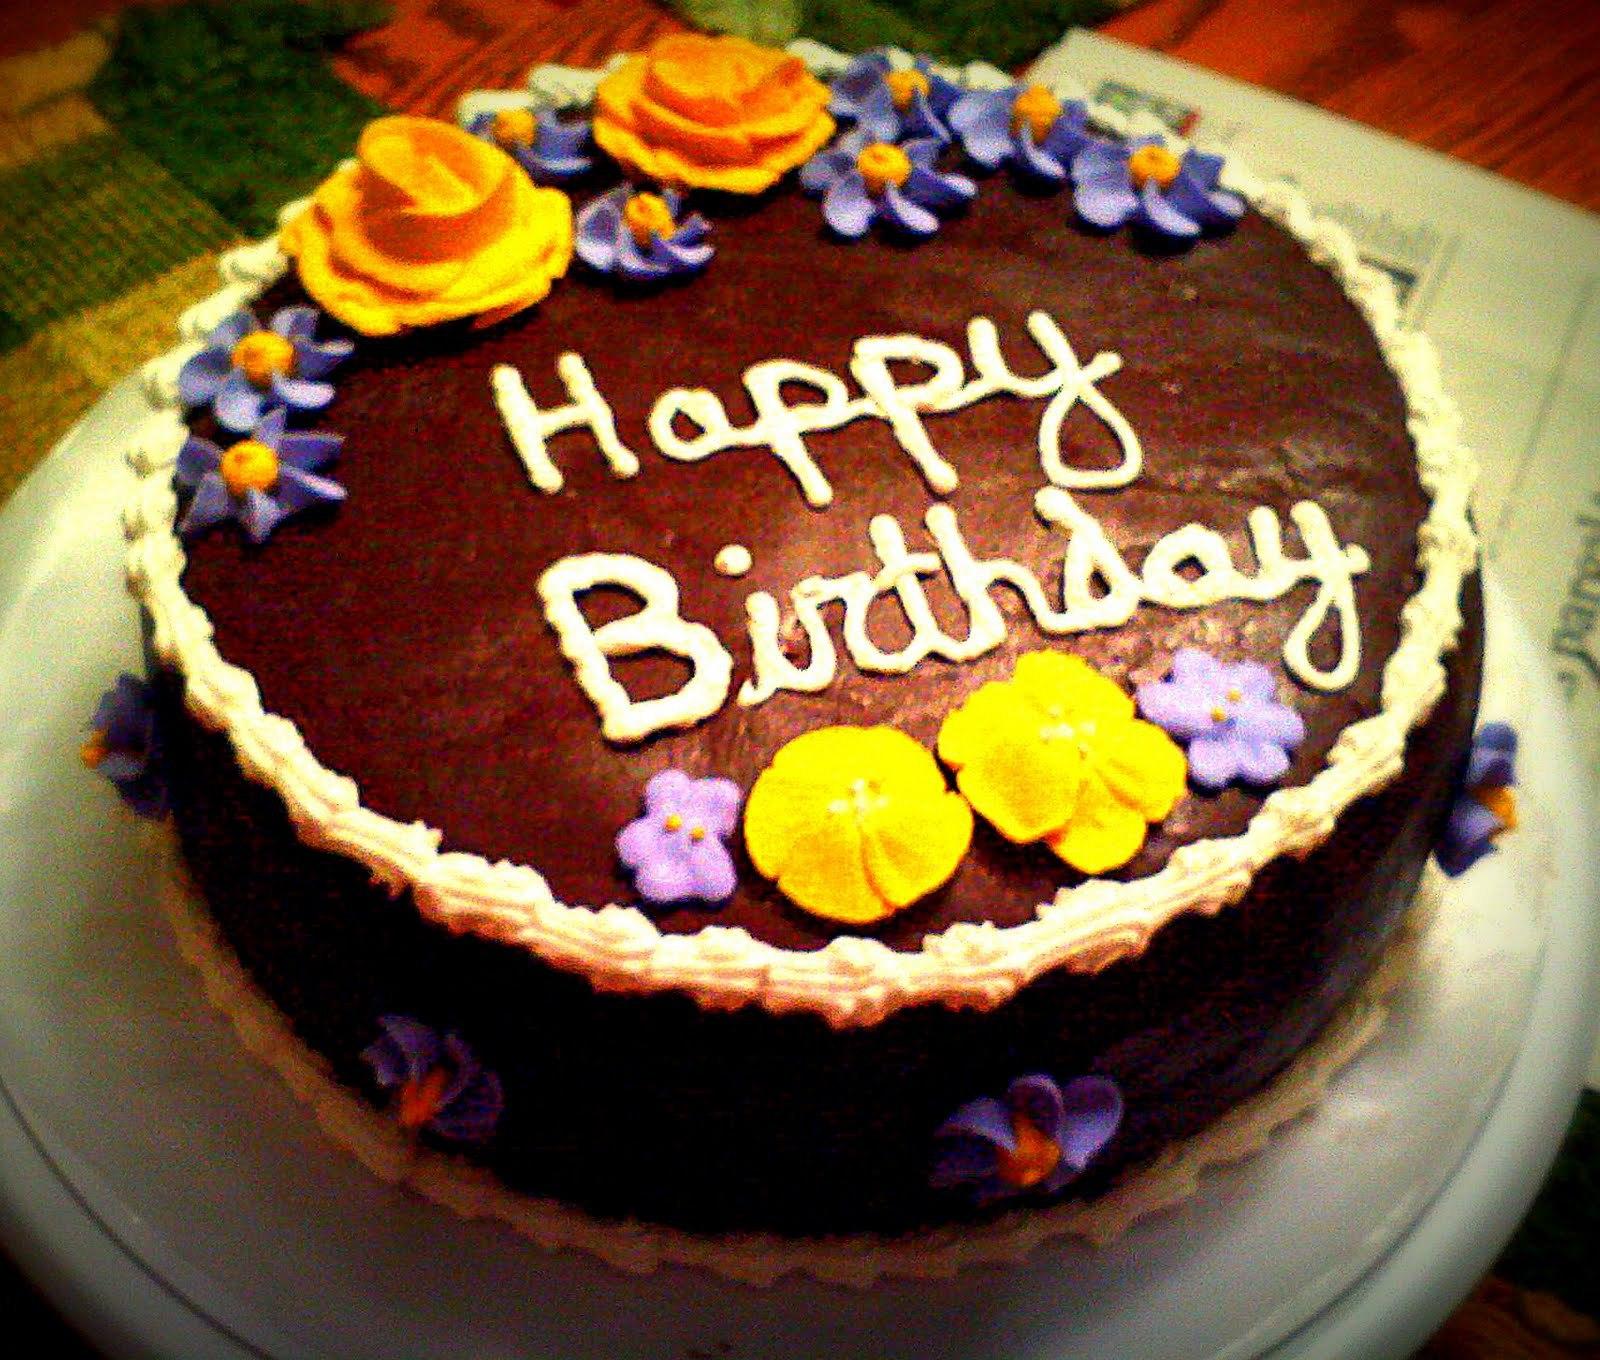 Шоколадный торт на день рождения - С Днем Рождения поздравительные картинки